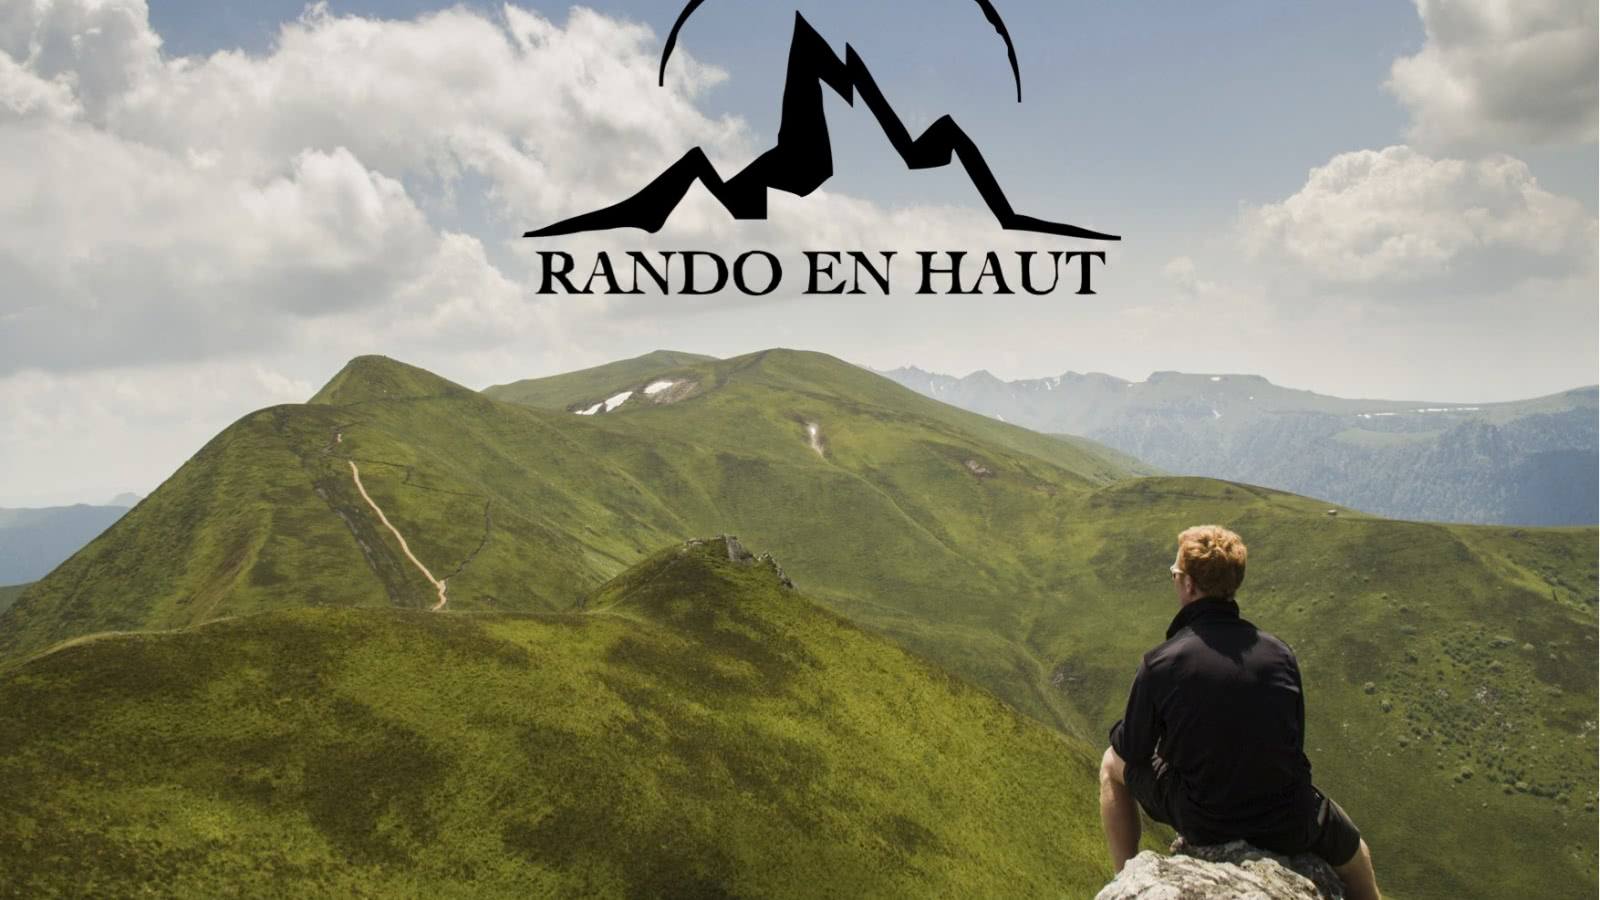 Rando En Haut, la randonnée accompagnée avec Joris Angelloz